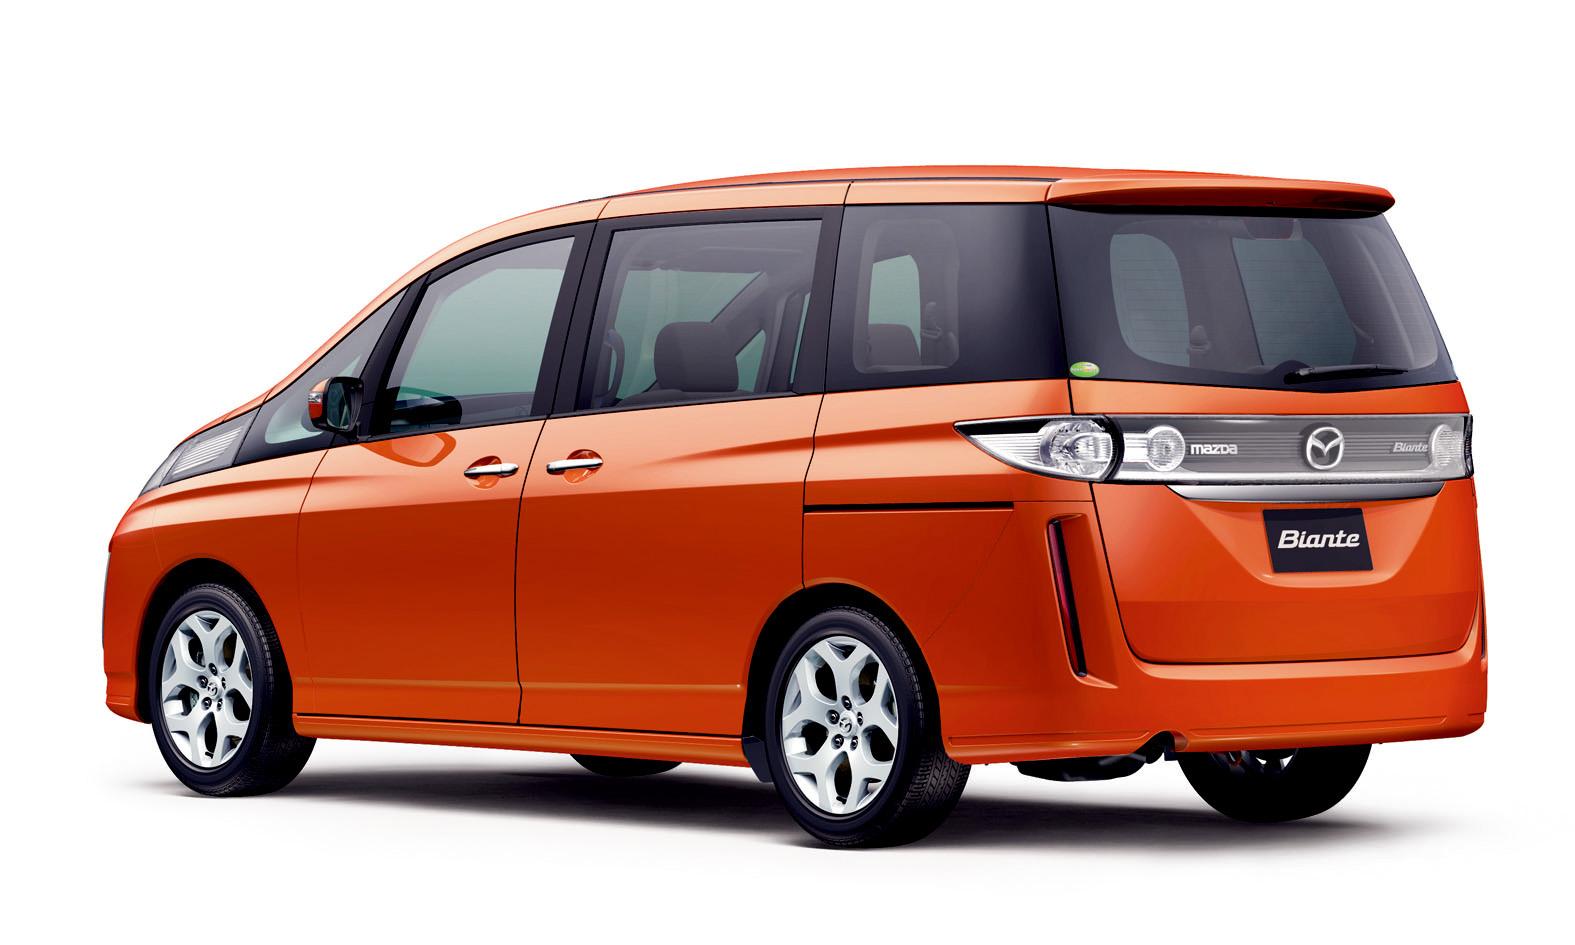 New Mazda Biante Minivan Sales Take Off In Japan